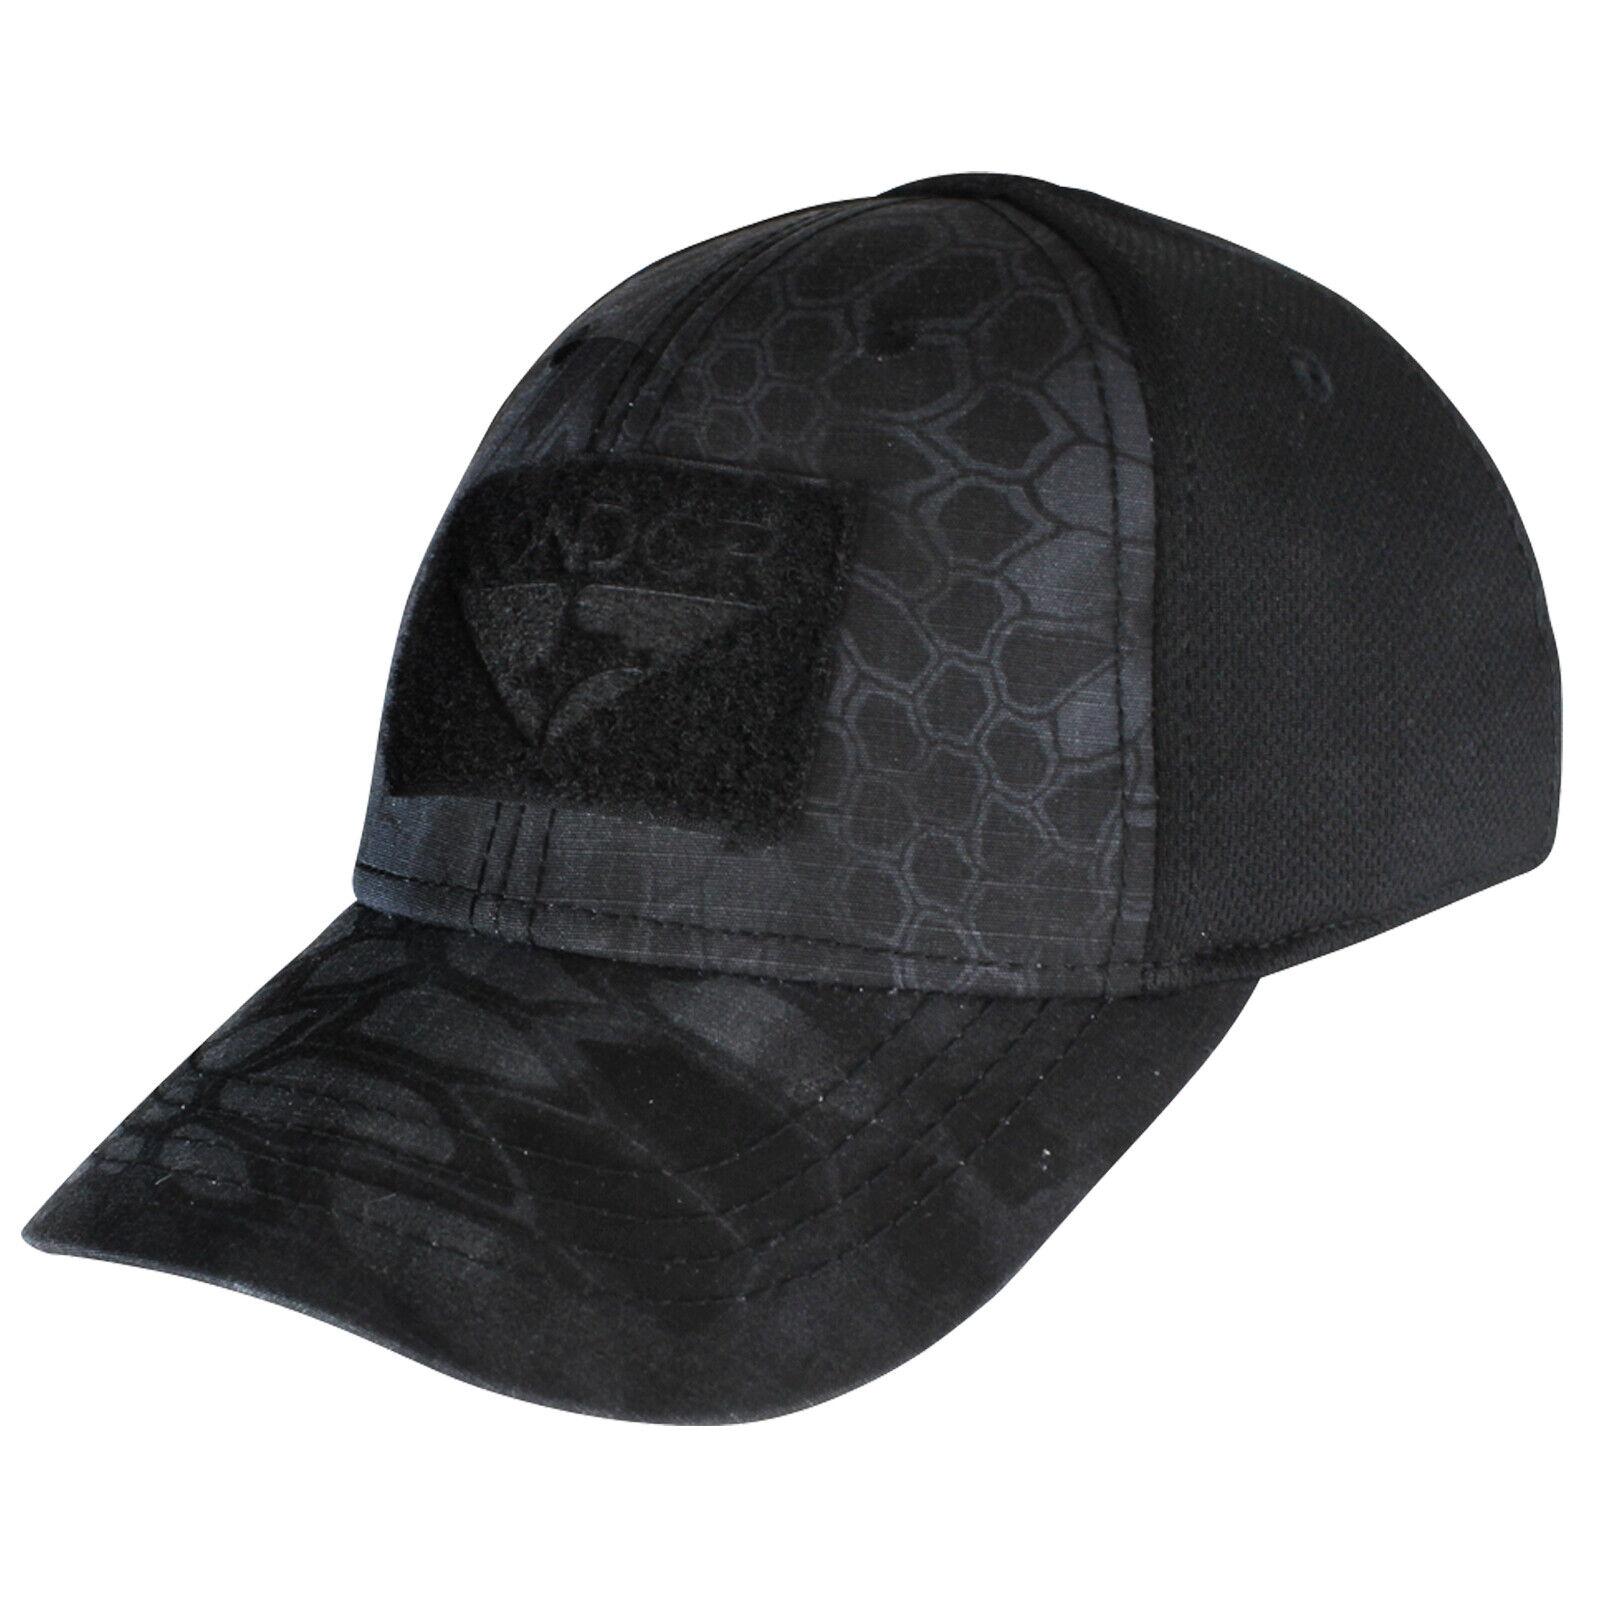 Condor Mens Outdoor Flex Tactical Cap MultiCam Black, S//M